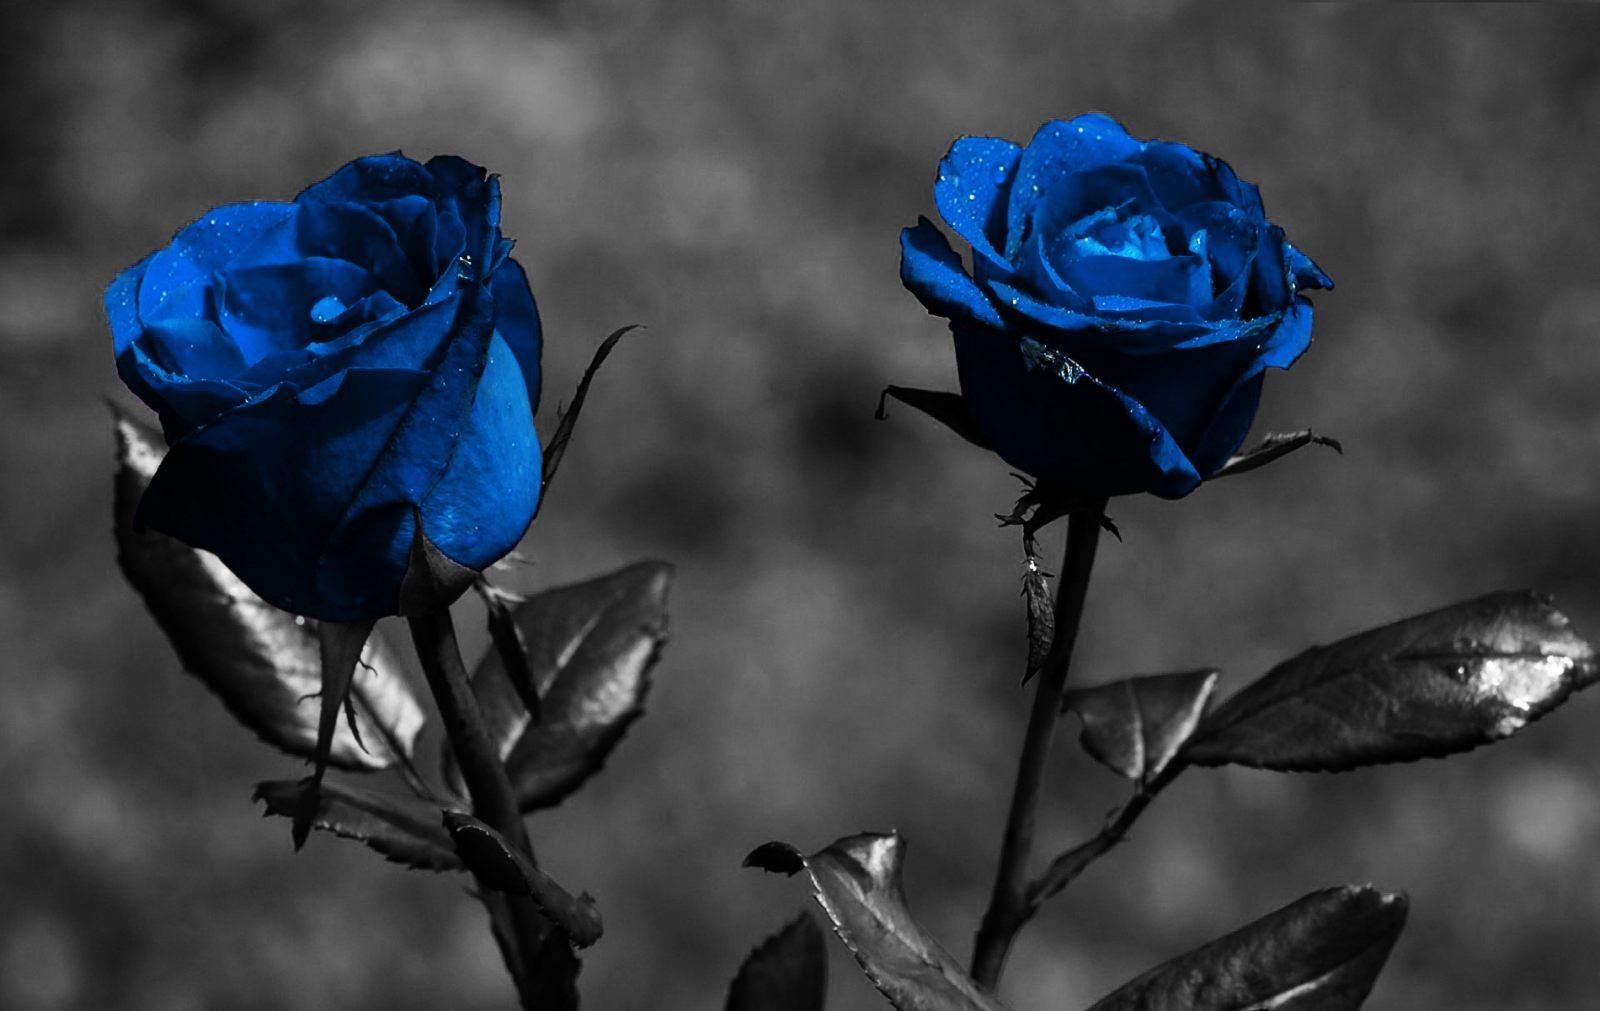 Wallpaper de rosas azules